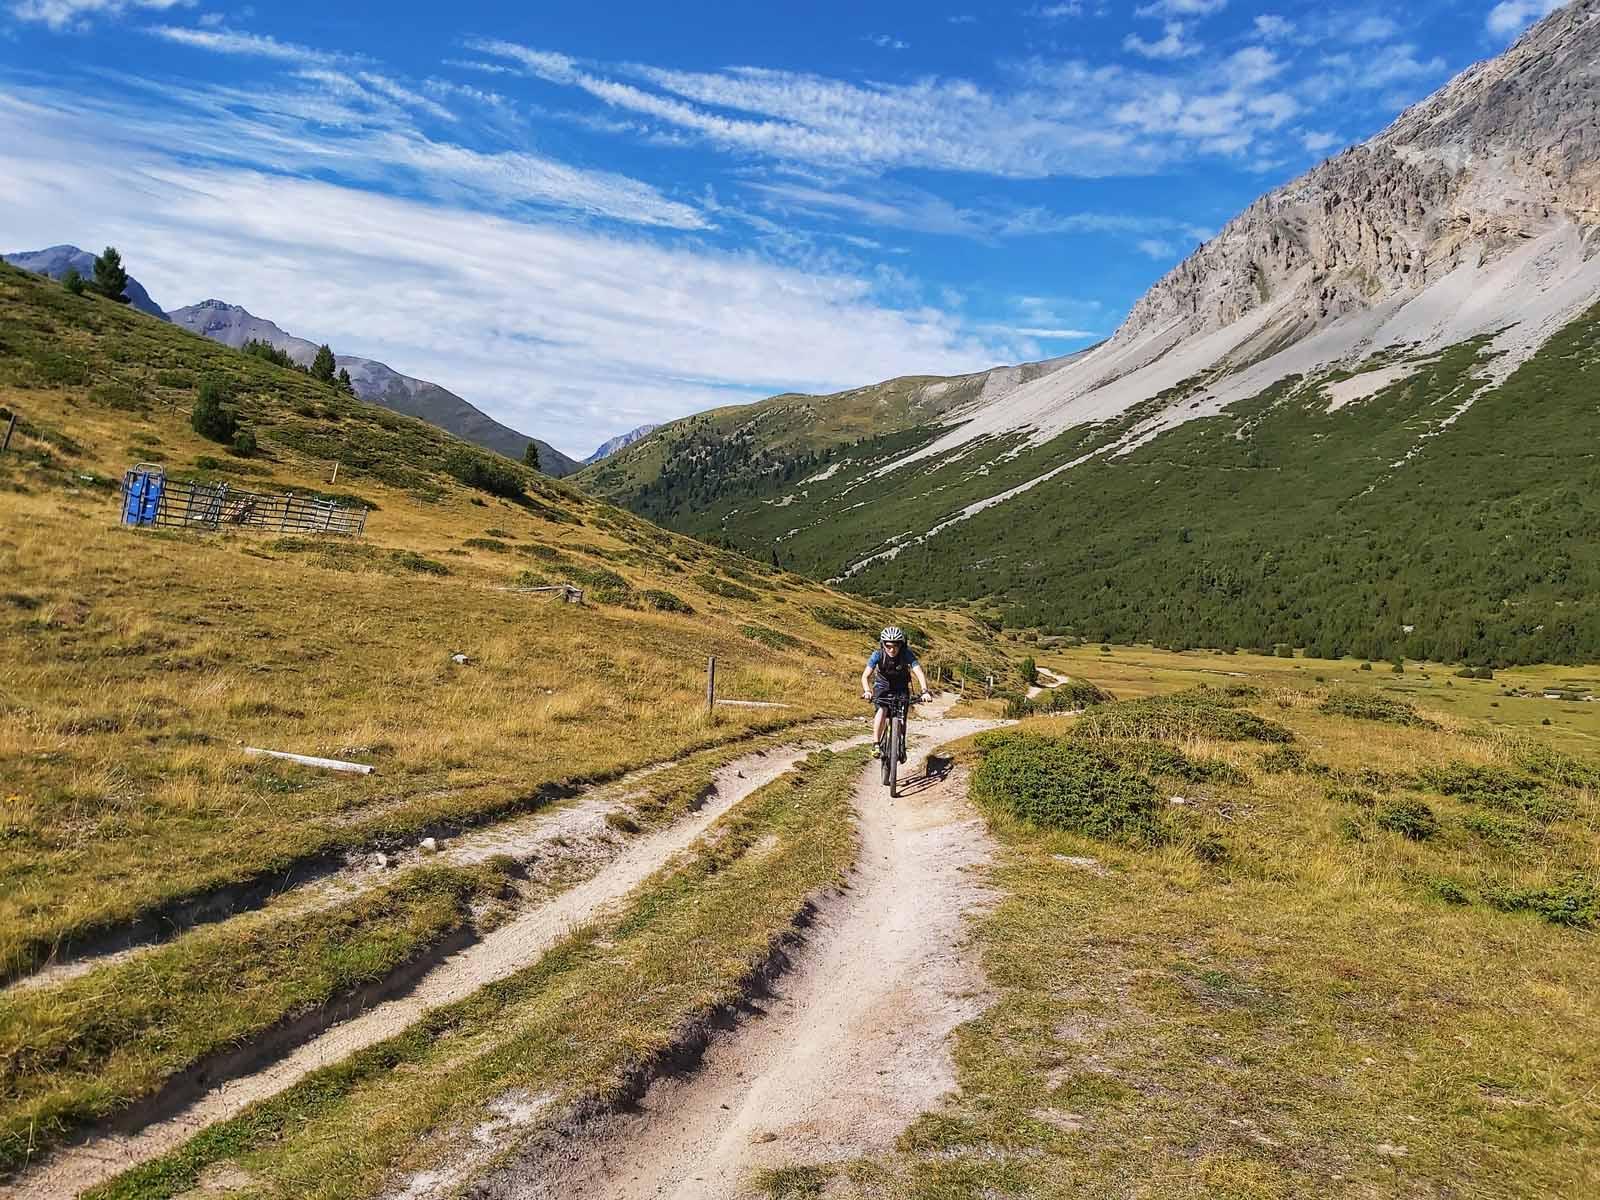 Immer fahrbar: der Weg zum Passo Costainas